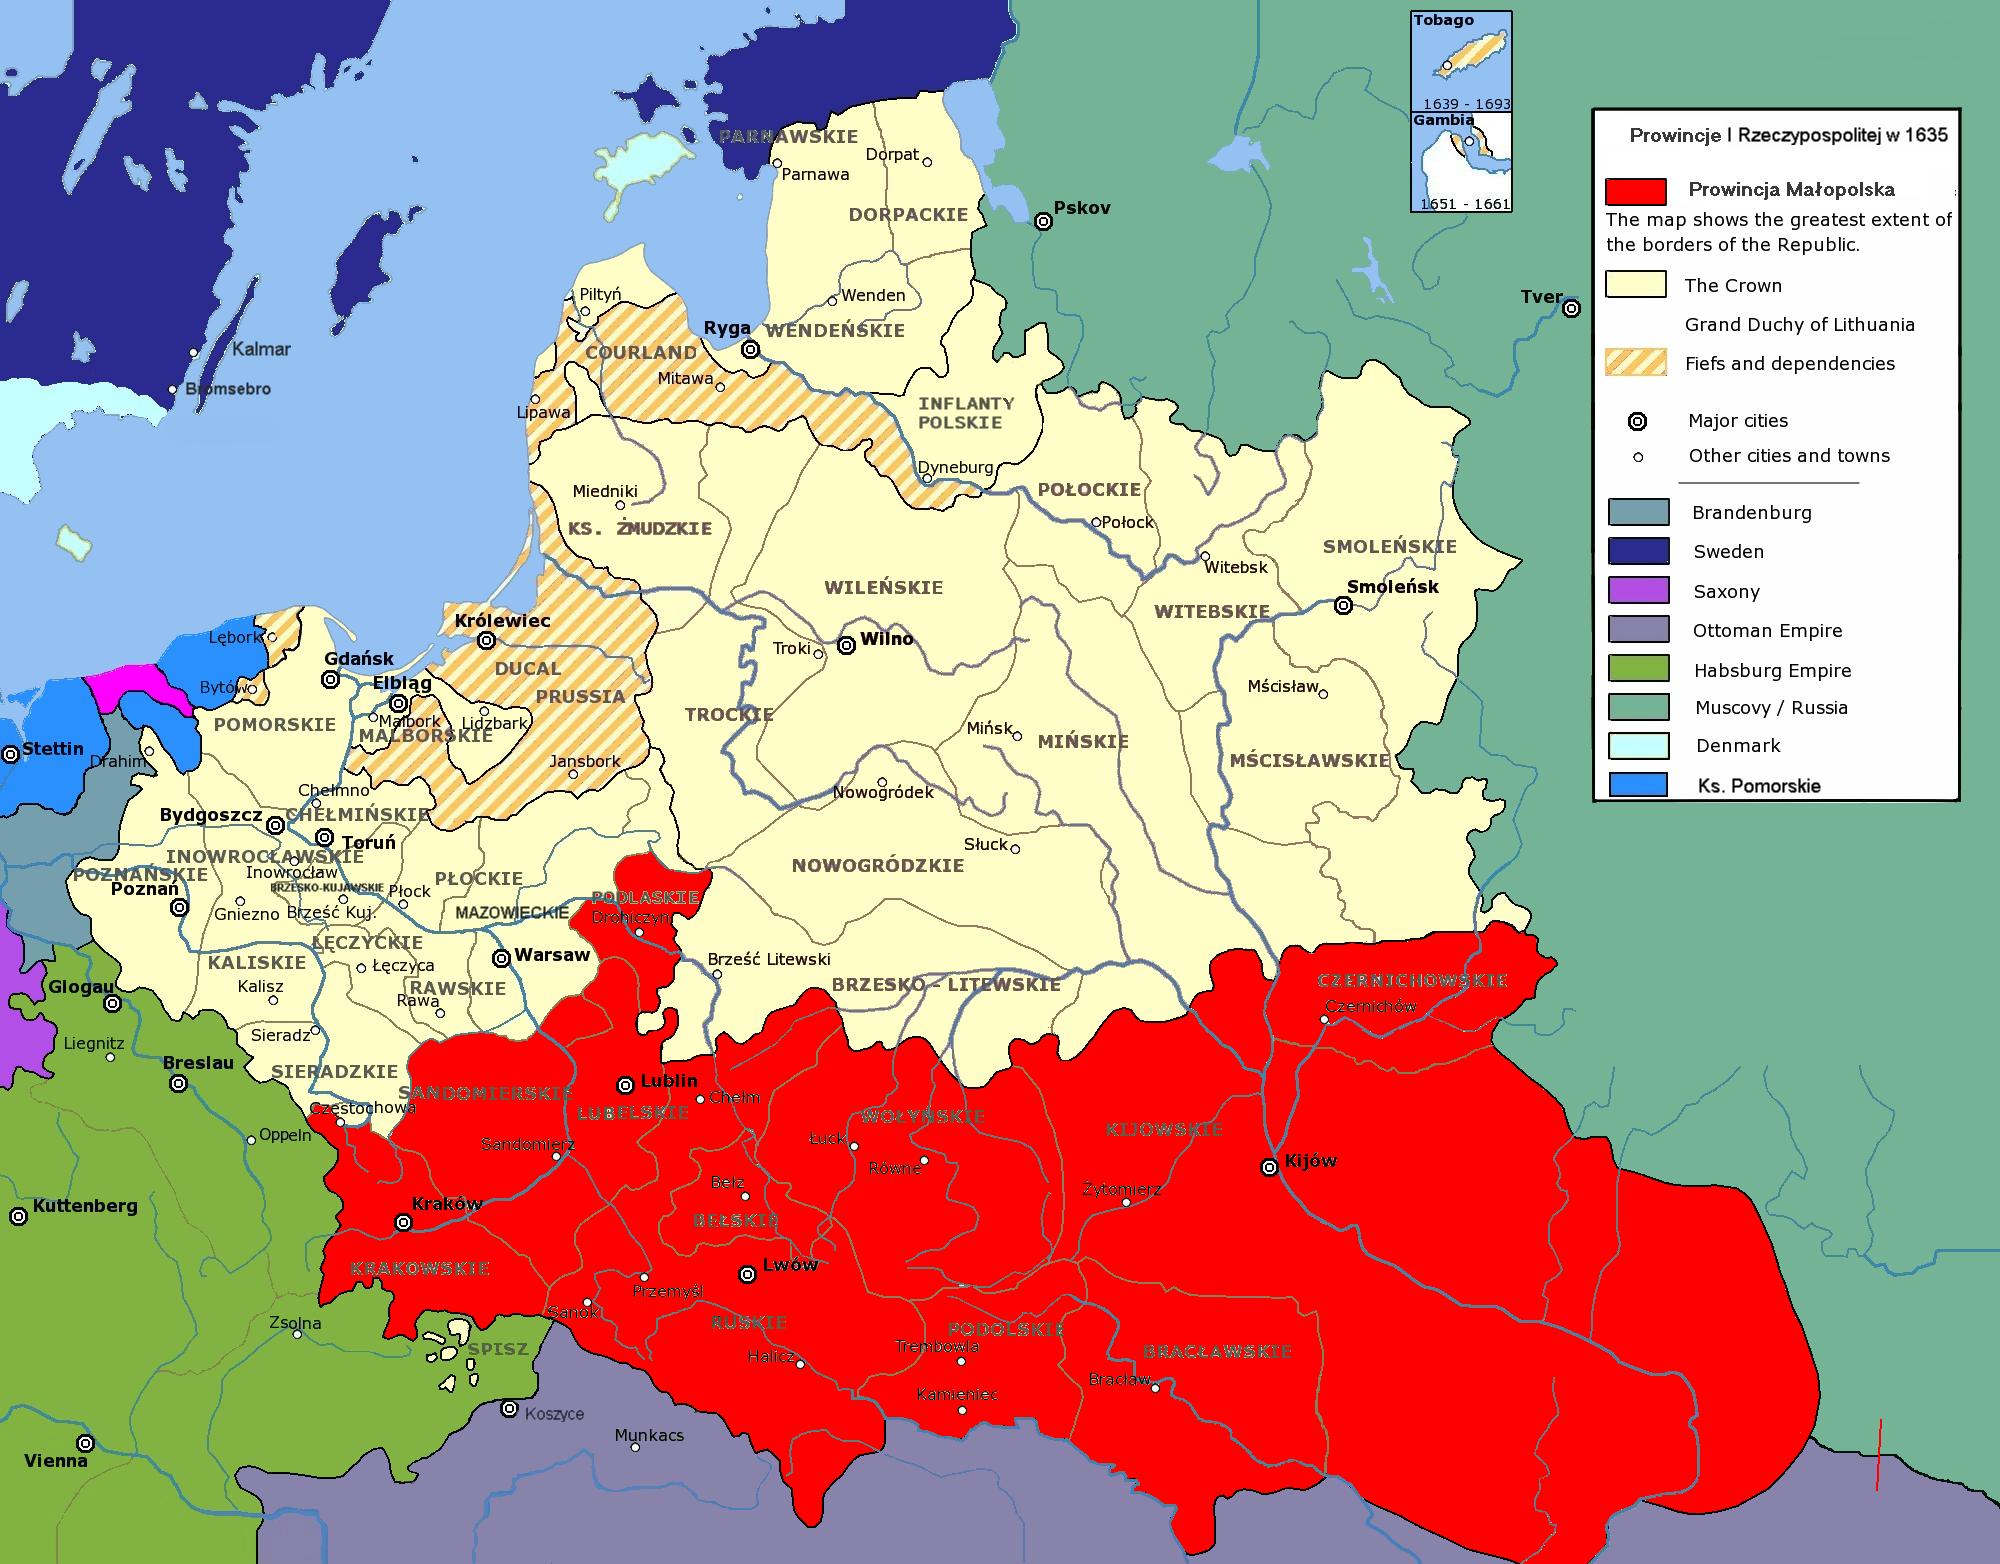 Województwo ruskie w składzie małopolskiej prowincji Korony Polskiej, 1635